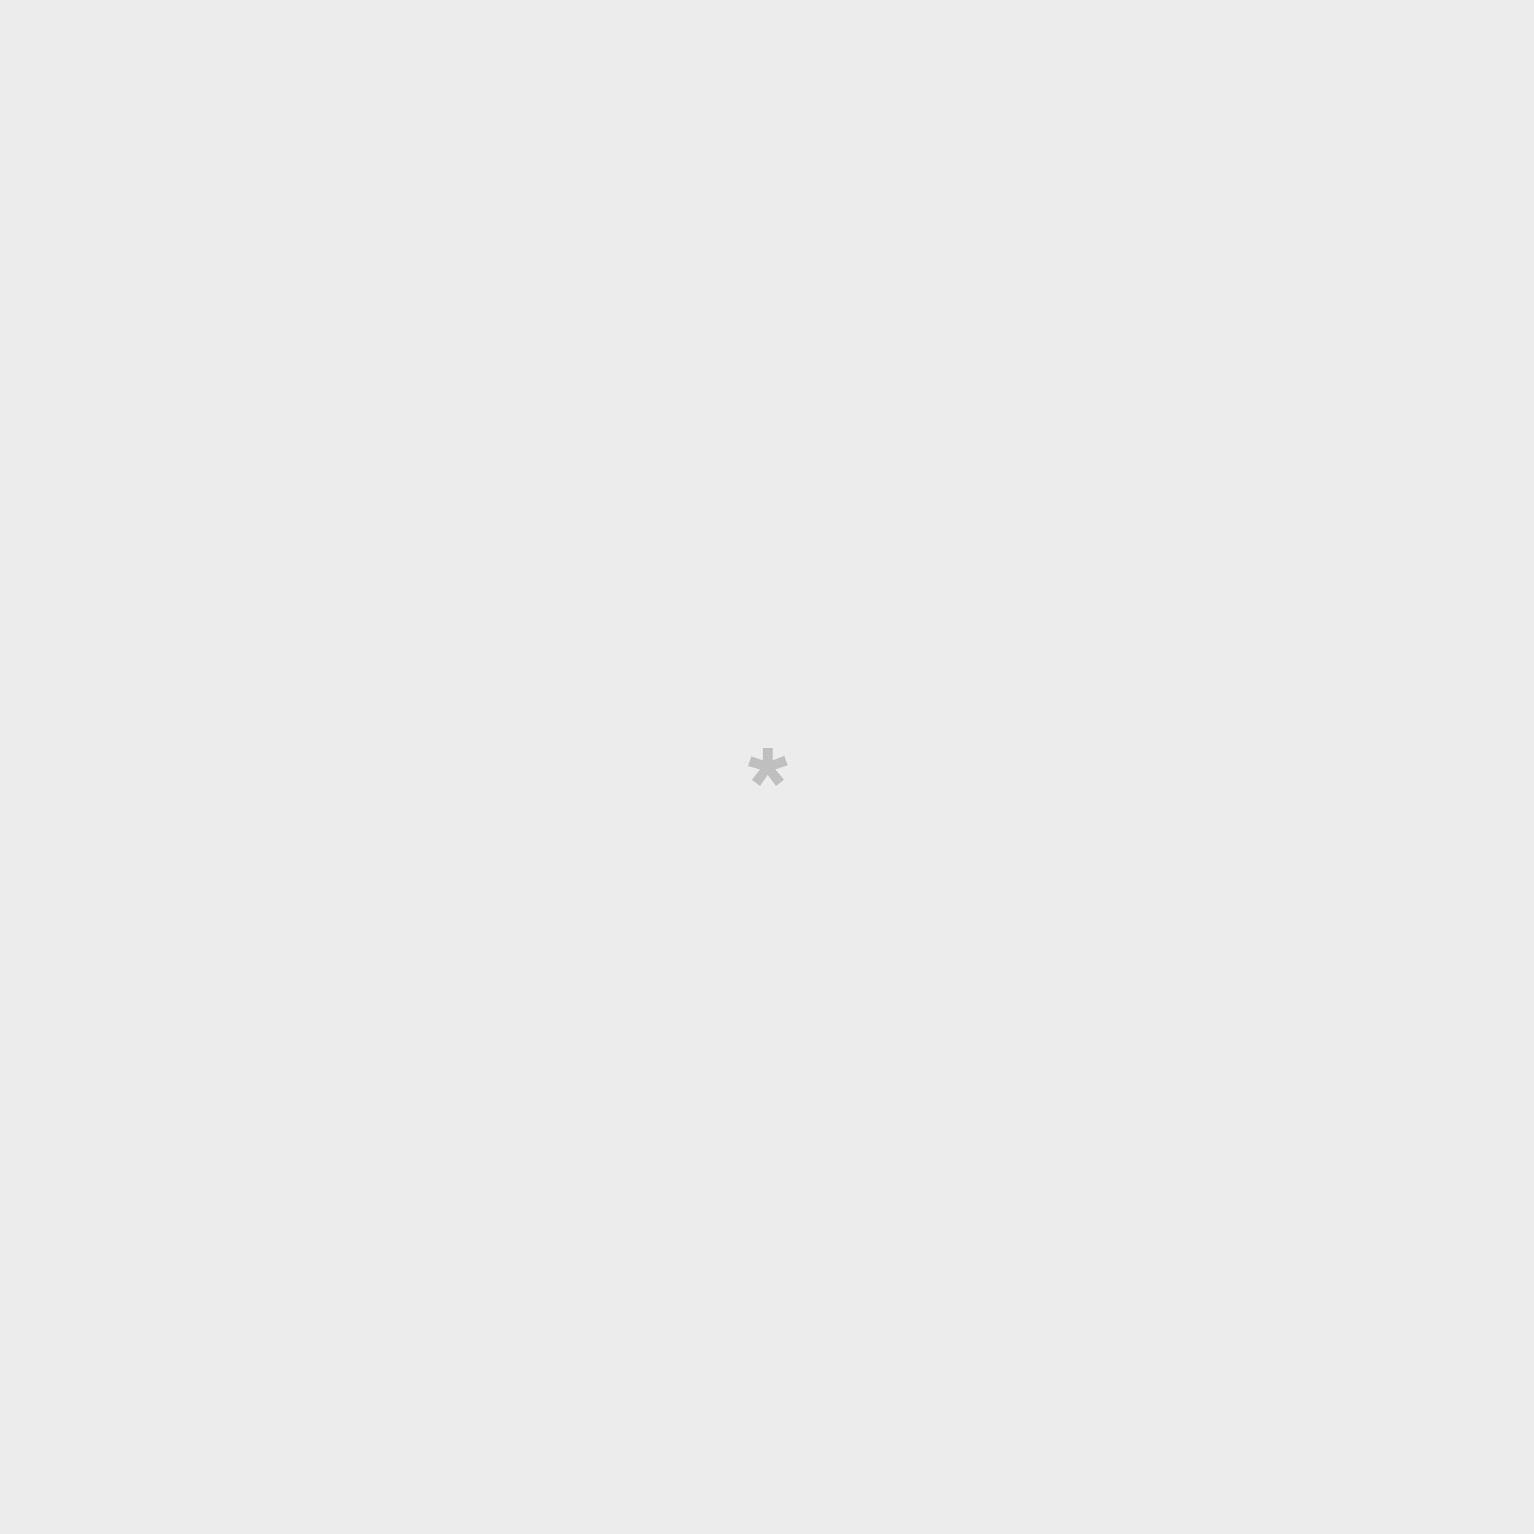 Calzini taglia unica - Sono assolutamente fantastica